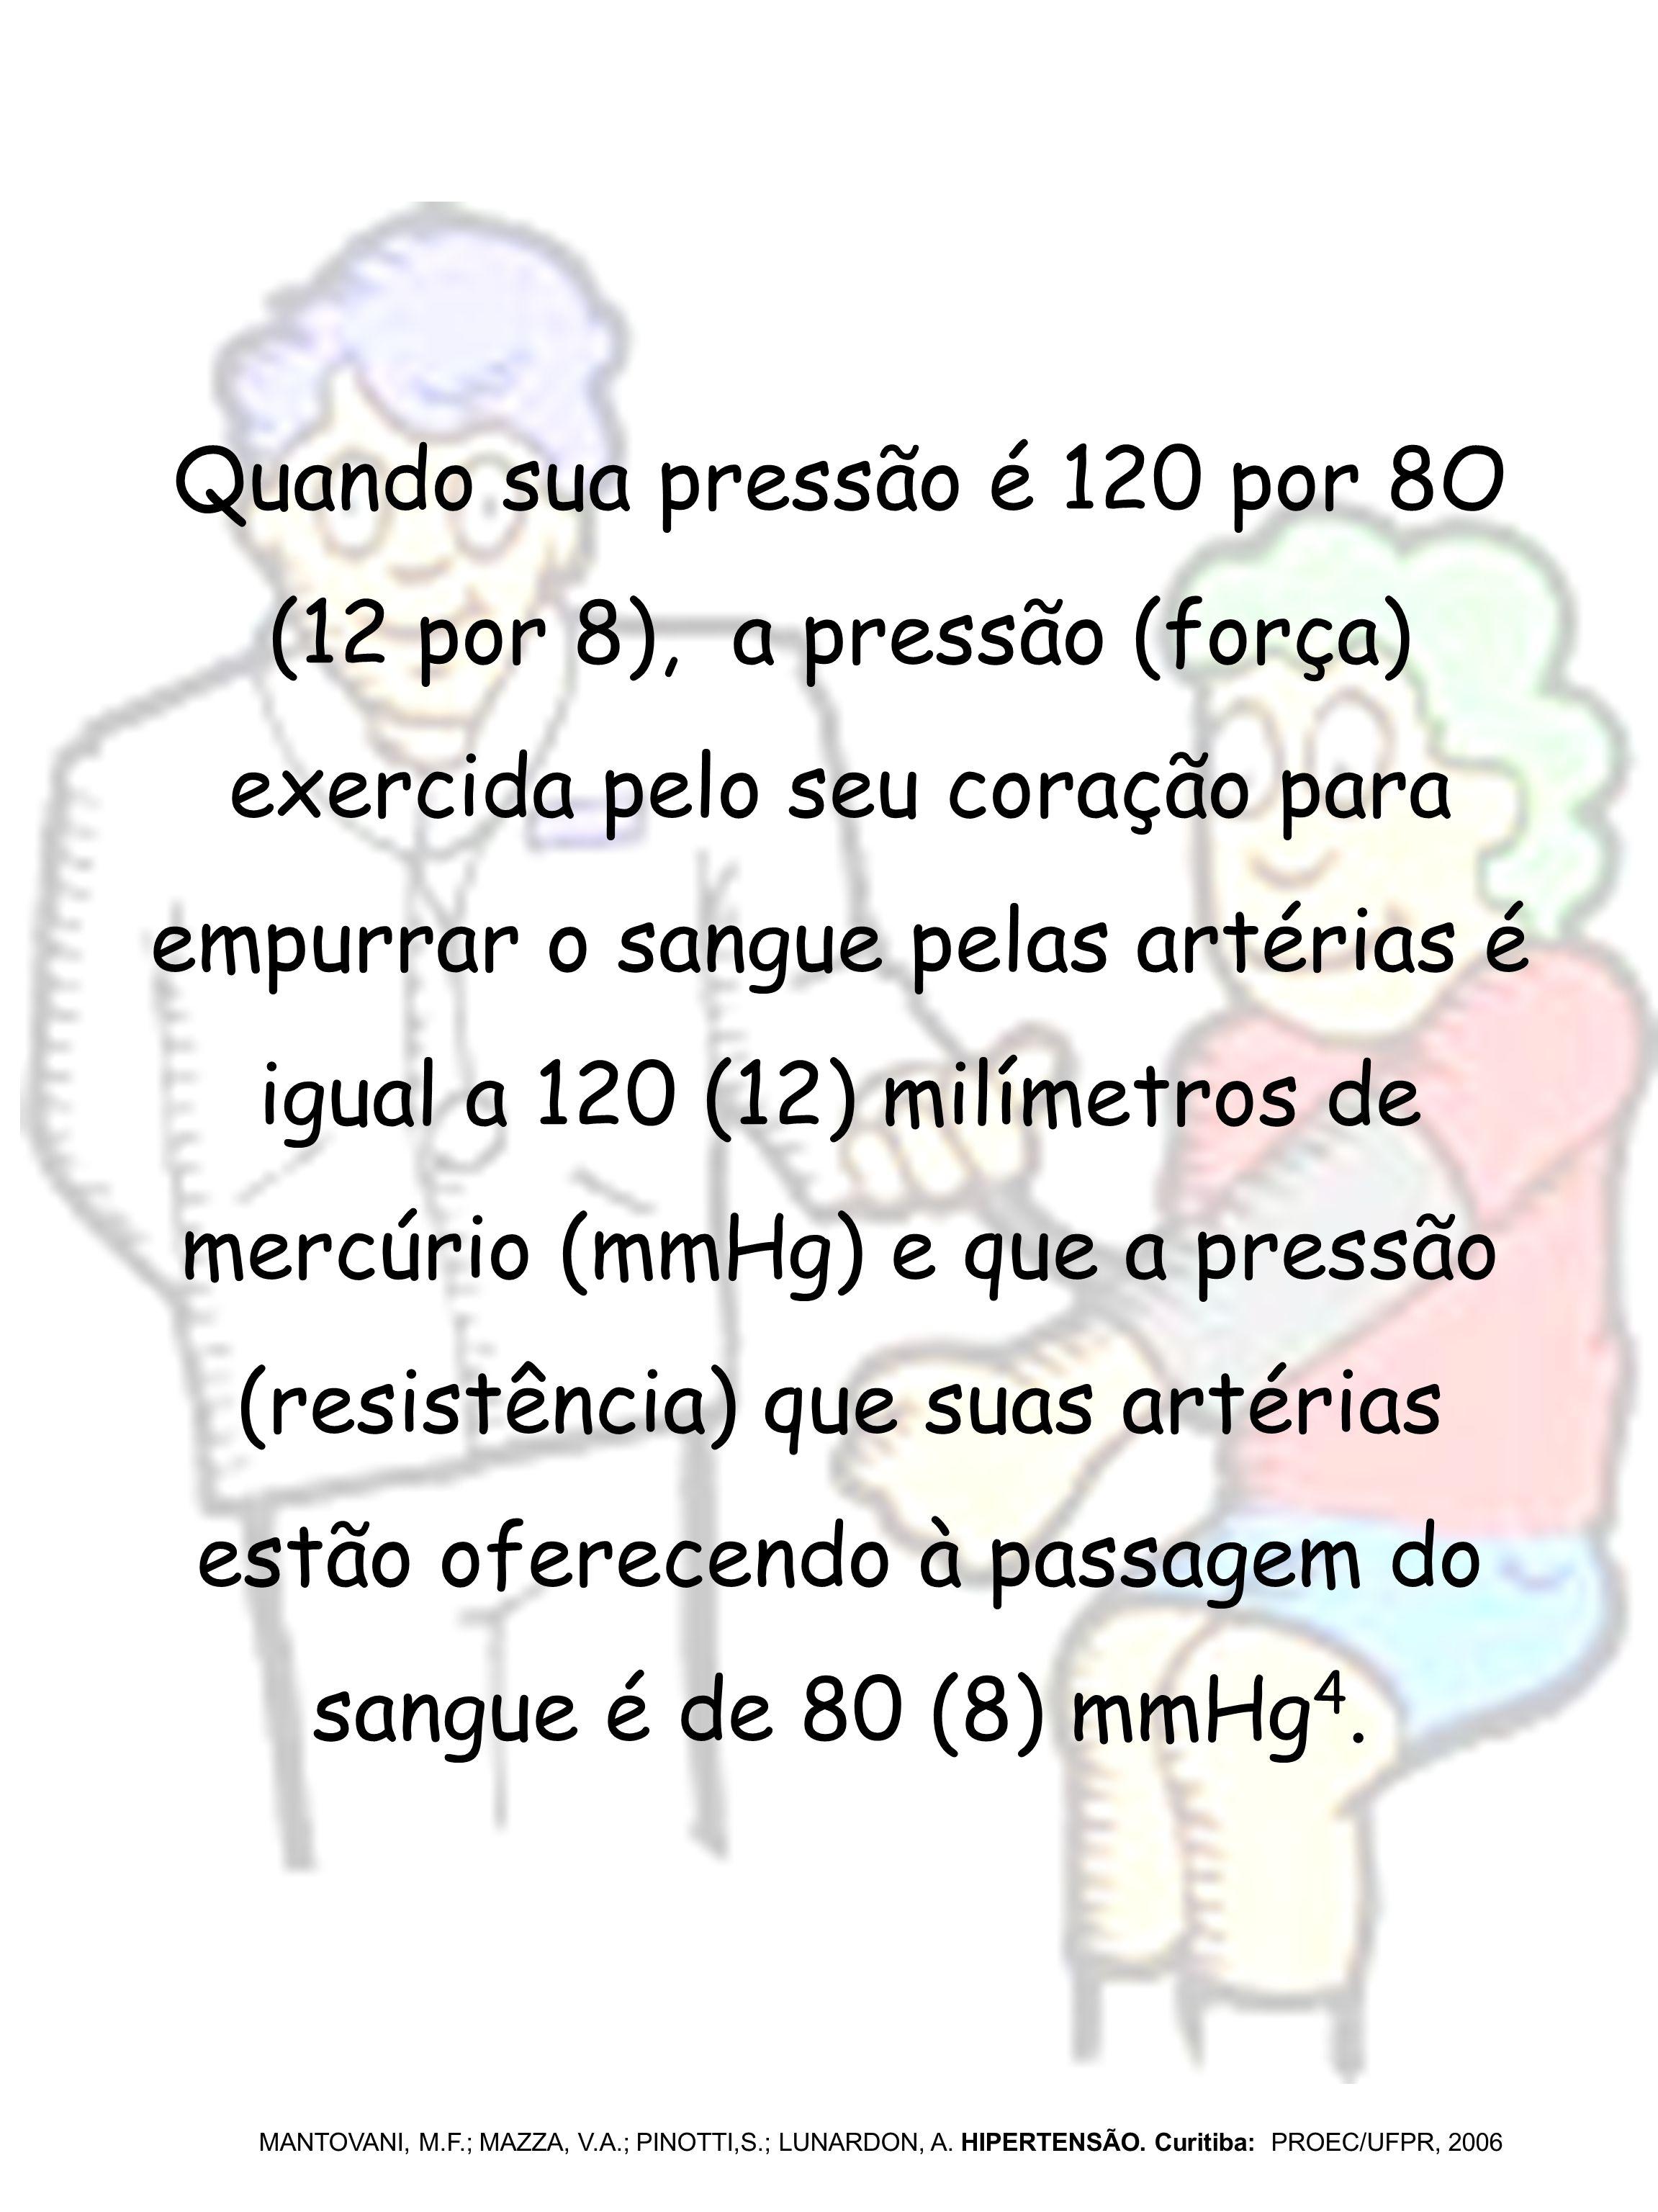 Quando sua pressão é 120 por 8O (12 por 8), a pressão (força) exercida pelo seu coração para empurrar o sangue pelas artérias é igual a 120 (12) milím